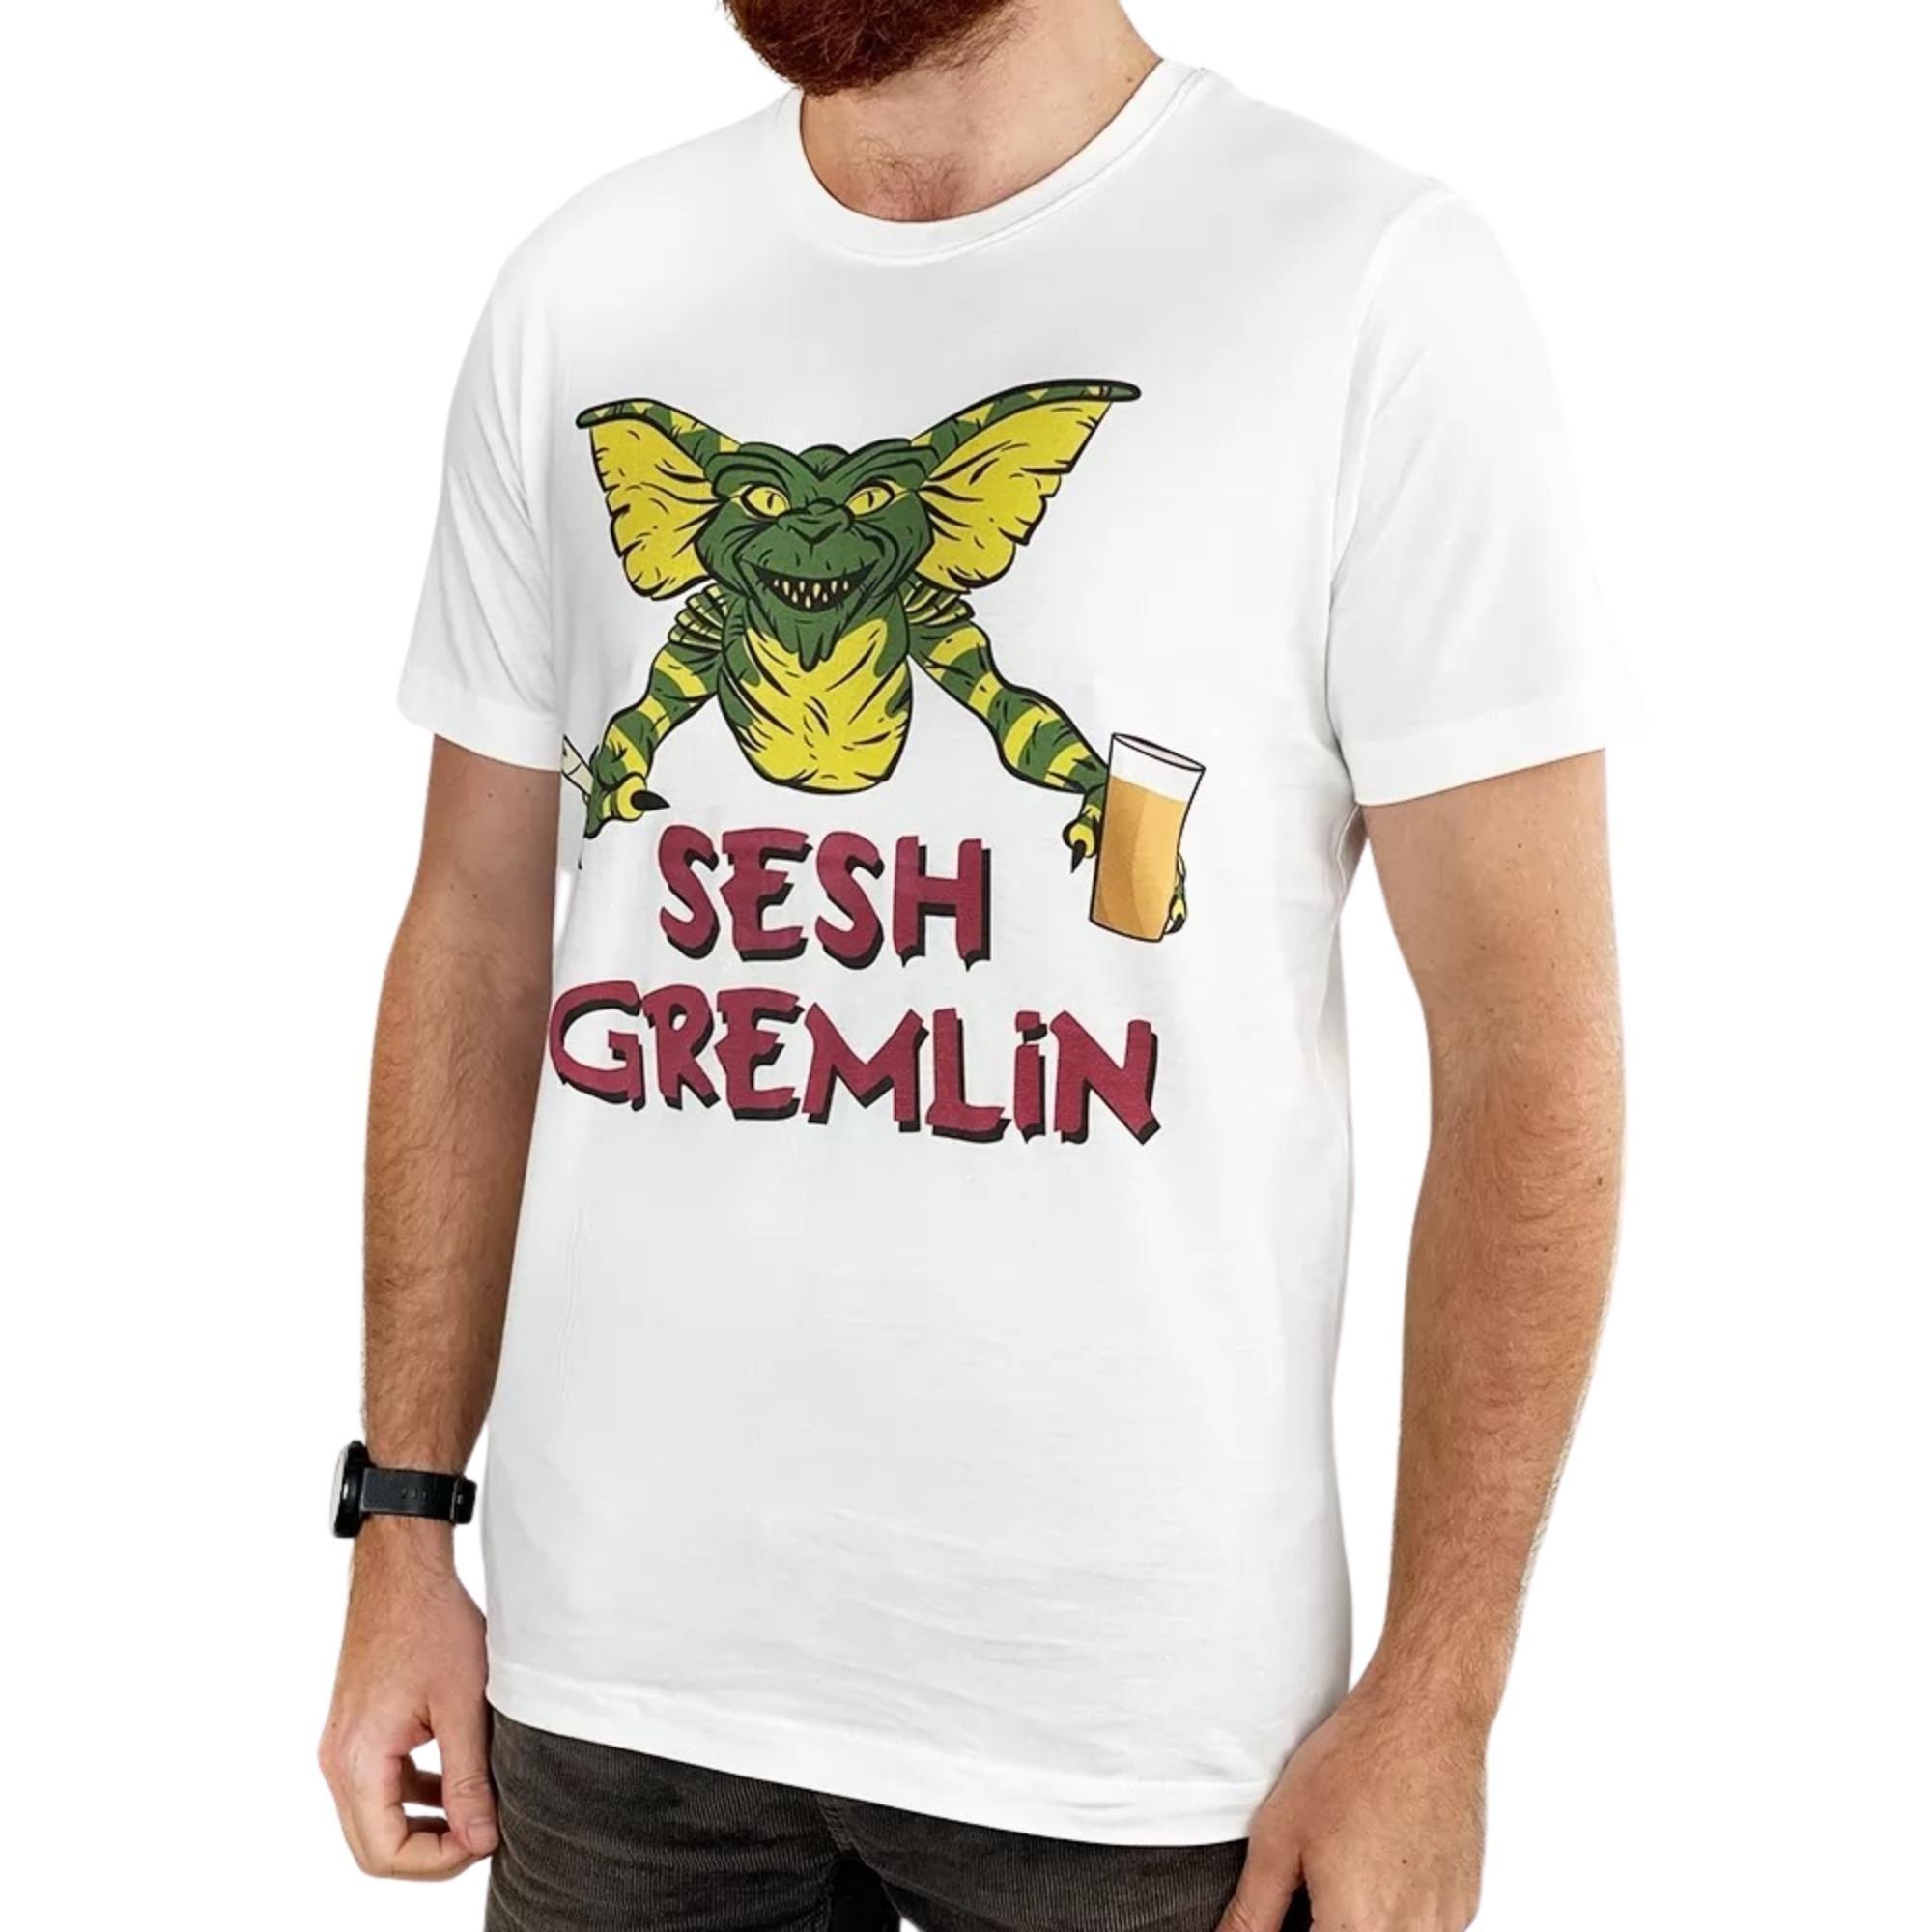 SESH GREMLIN WHITE TEE